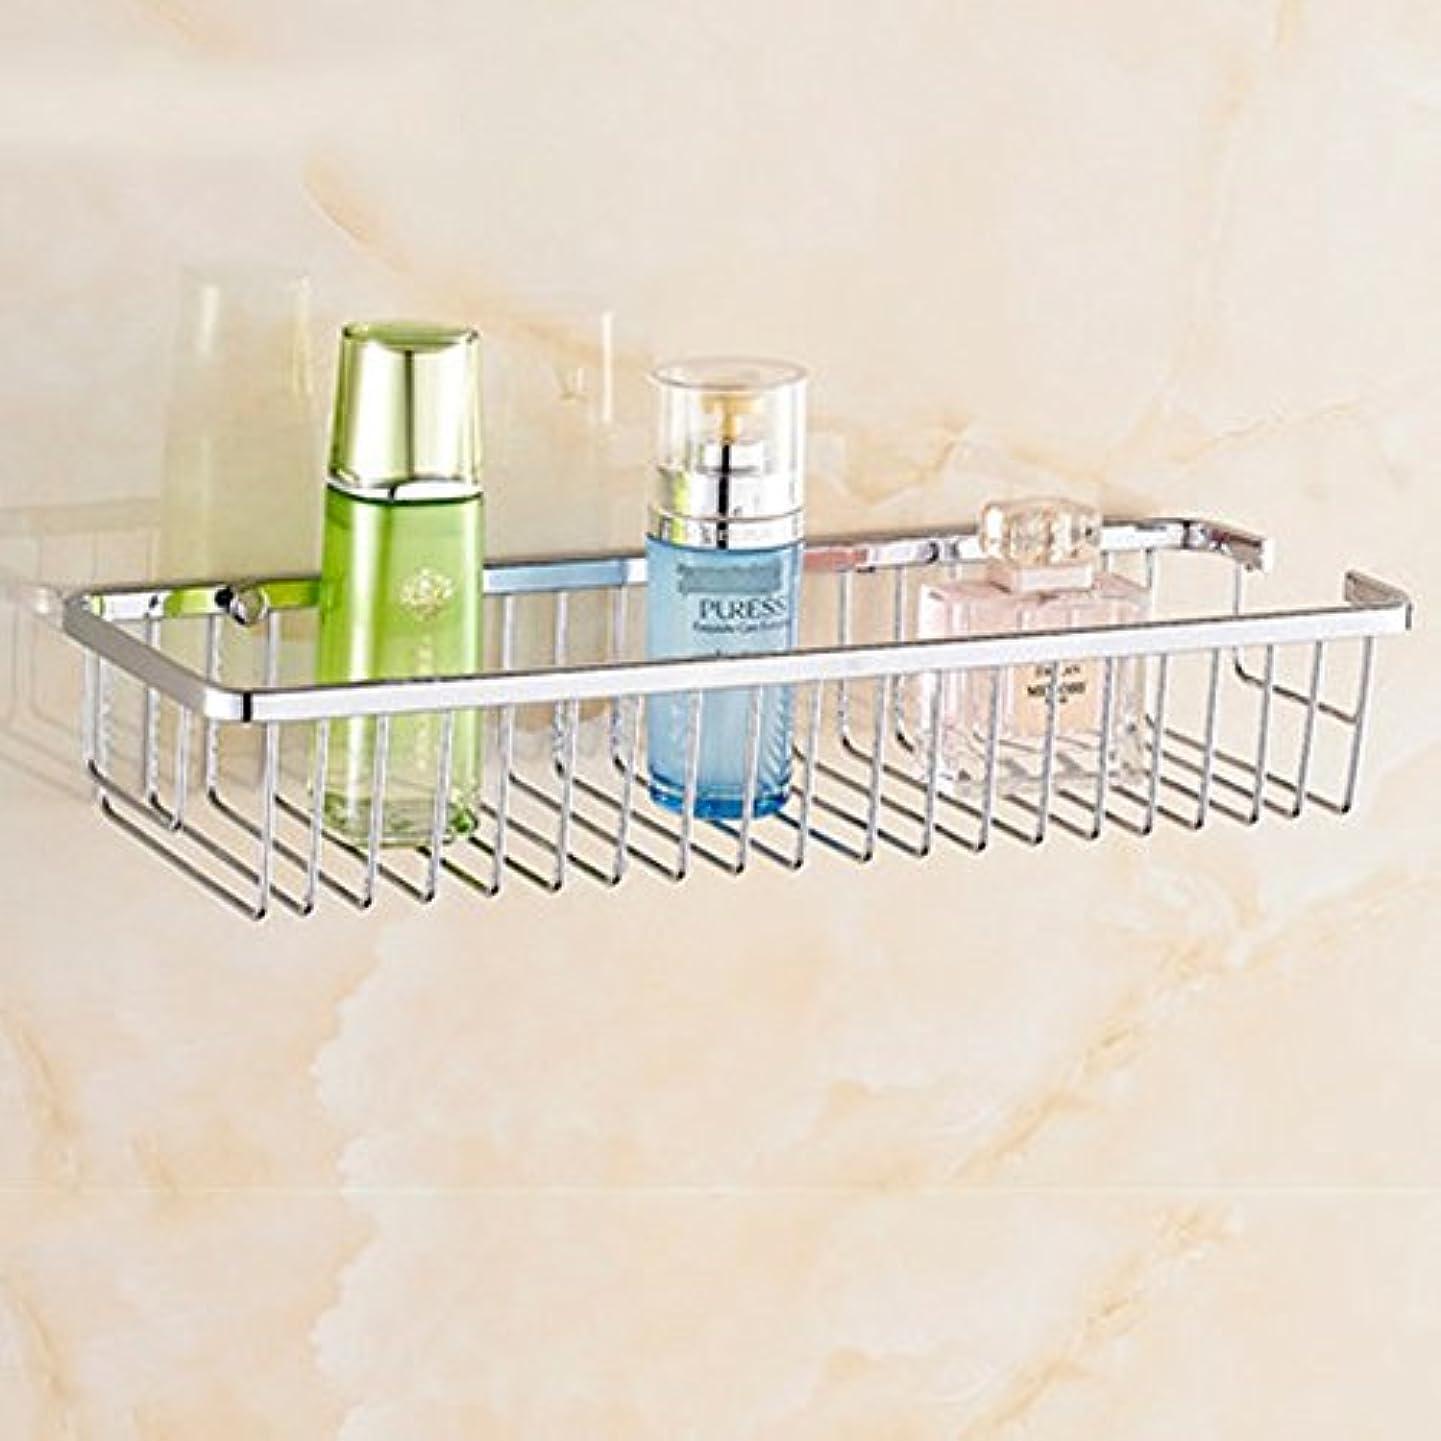 システム組み合わせ世辞ZZLX 304ステンレススチールバスルームラックバスルーム棚シングルレイヤーダブルレイヤー四角形バスケット(オプションのサイズ)(オプションのレイヤー) ロングハンドル風呂ブラシ (色 : A, サイズ さいず : 30cm)